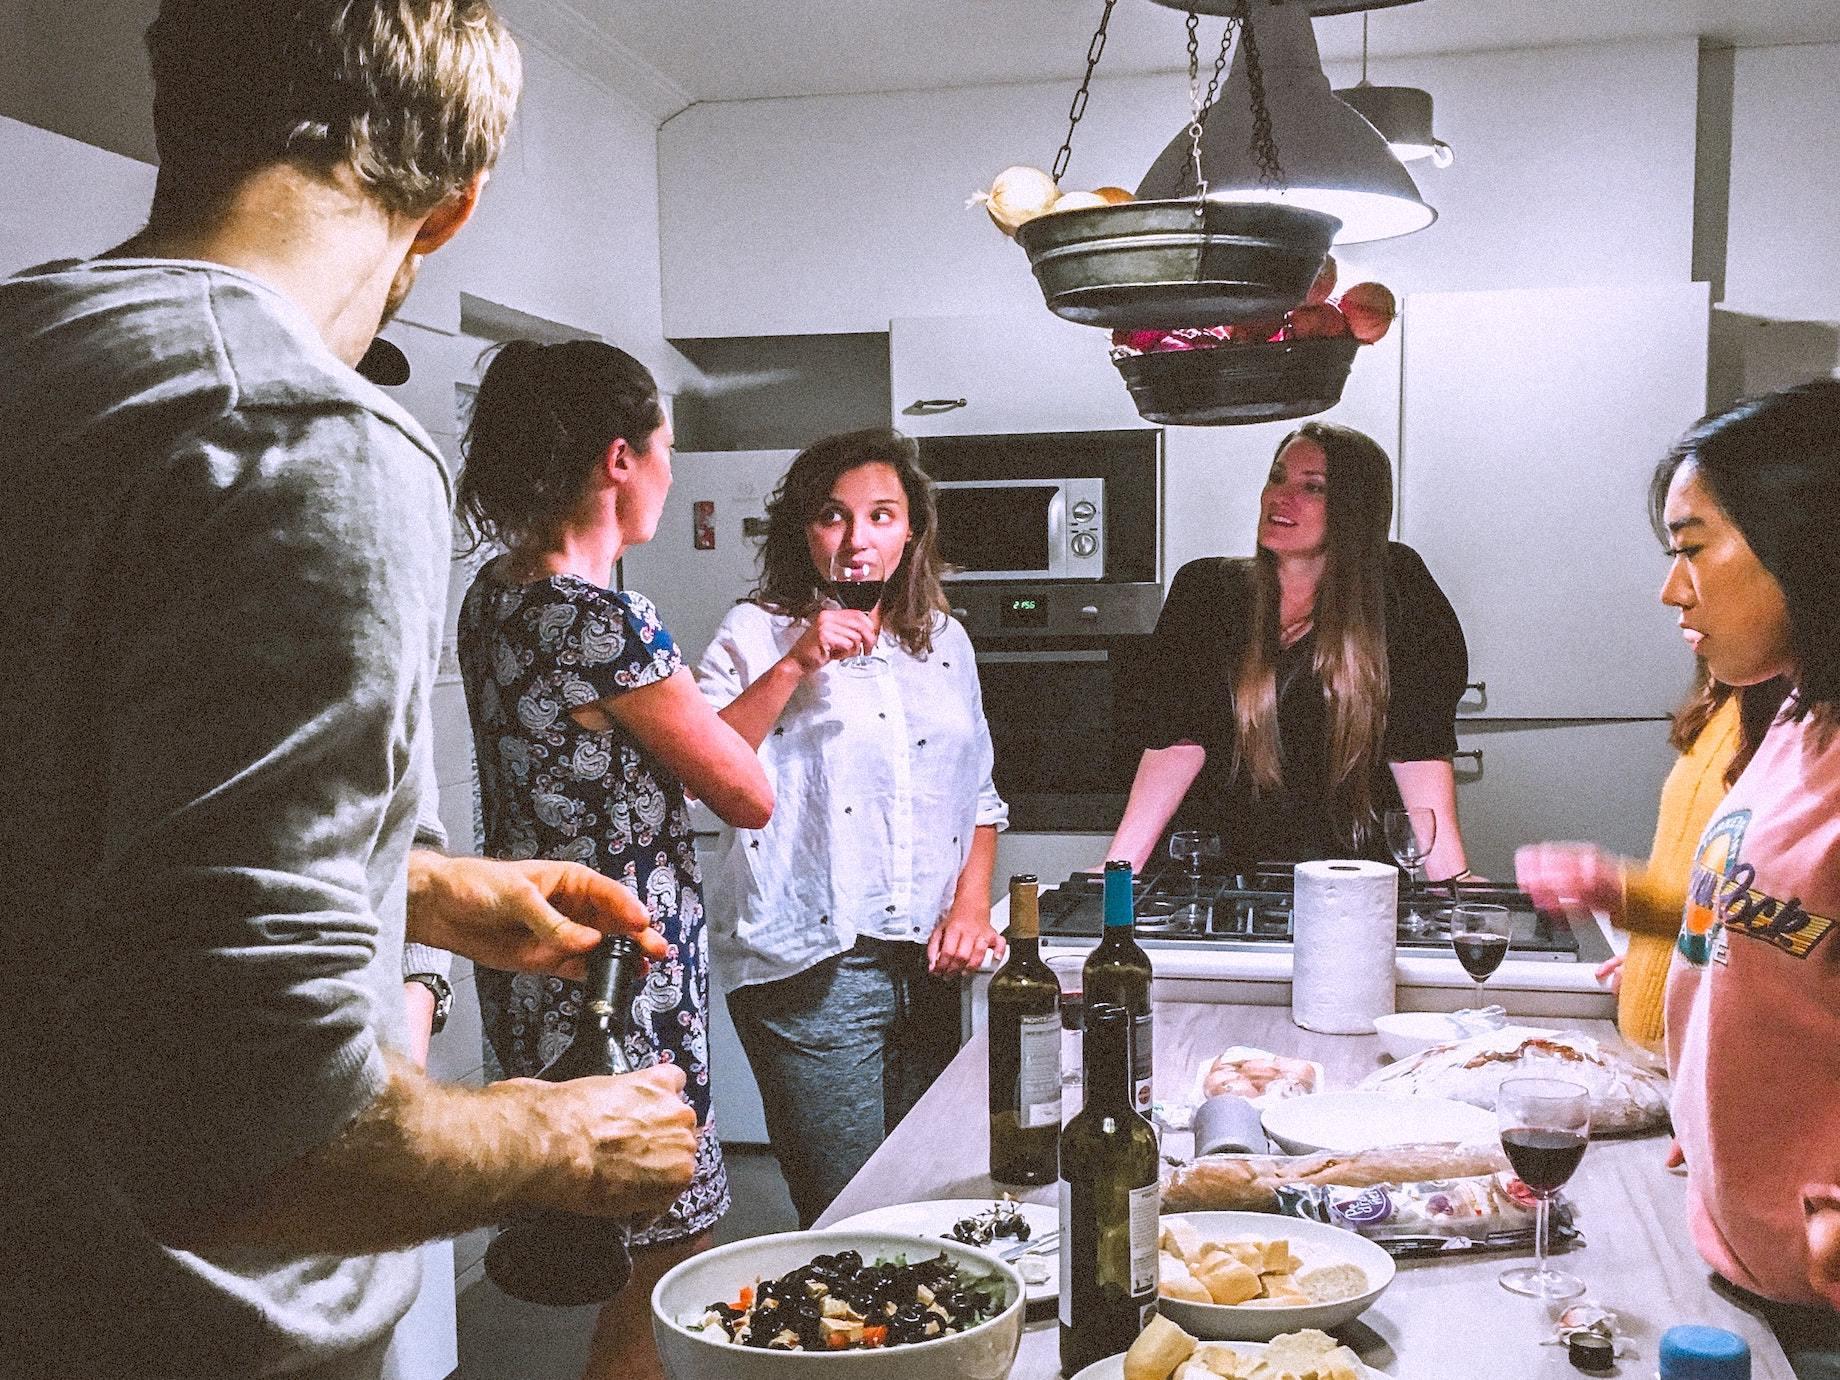 社交教戰守則》討厭應酬聚會的人,怎麼突破既有「交友舒適圈」?穩健人脈經營3招,累積長期人脈價值